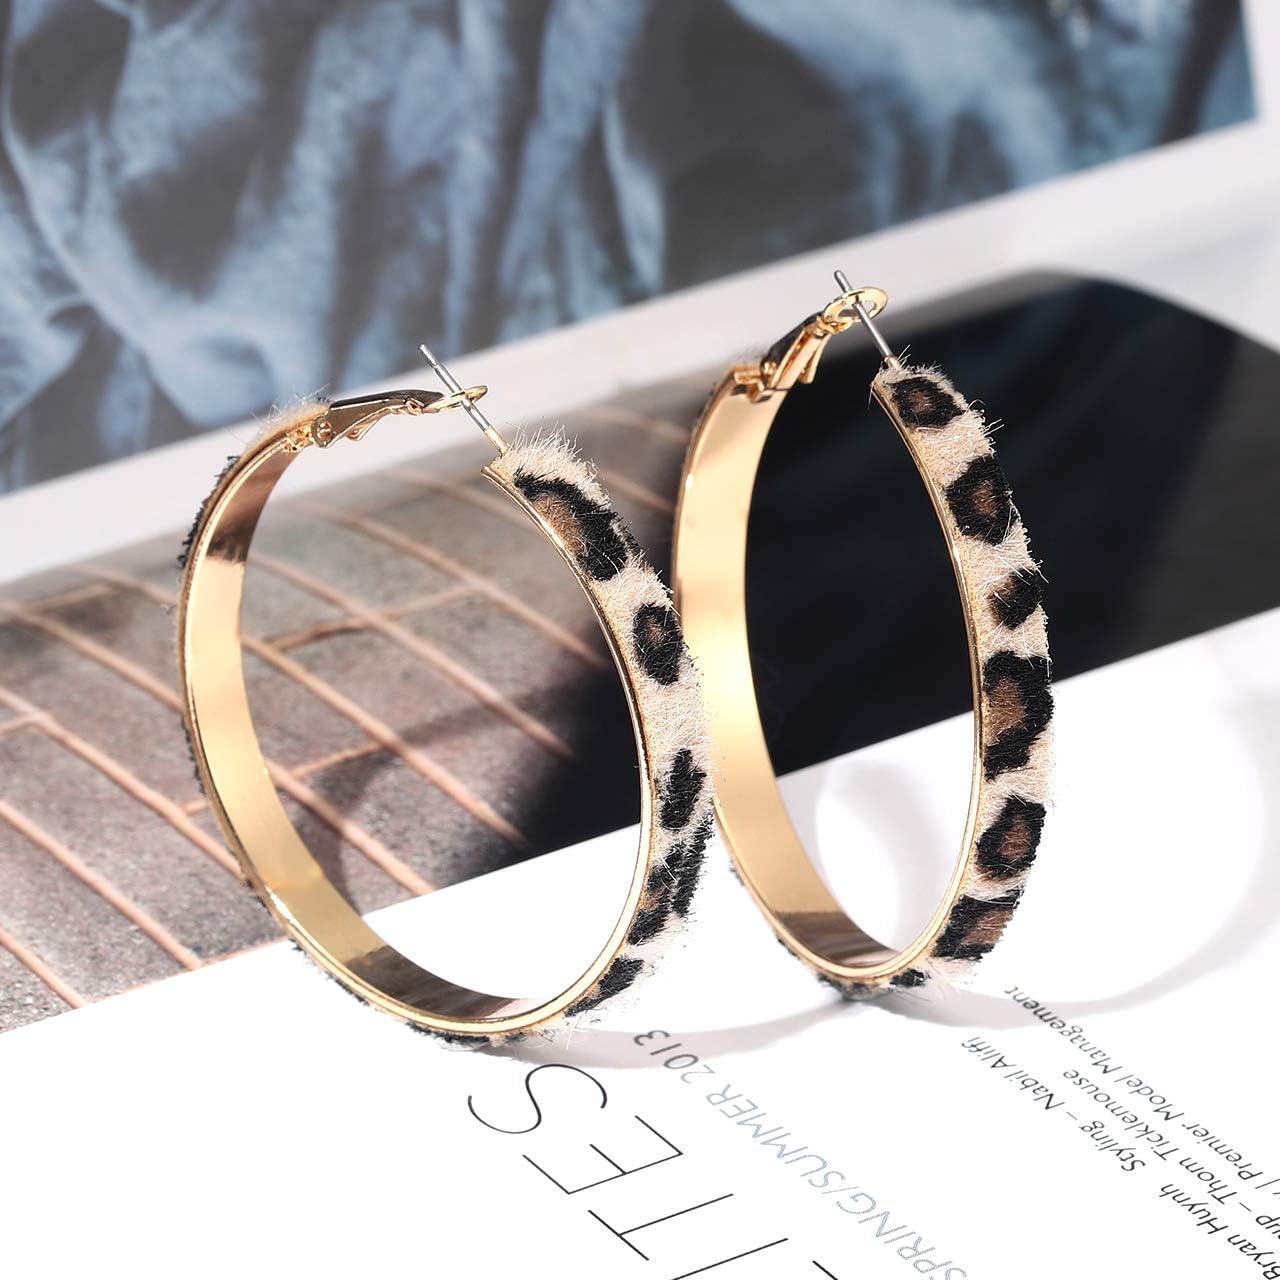 Leopard Print Hoop Earrings Bohemian Statement Earrings Earring Hoops Wood Earrings Hoop Earrings Wooden Hoops Animal Print Earrings